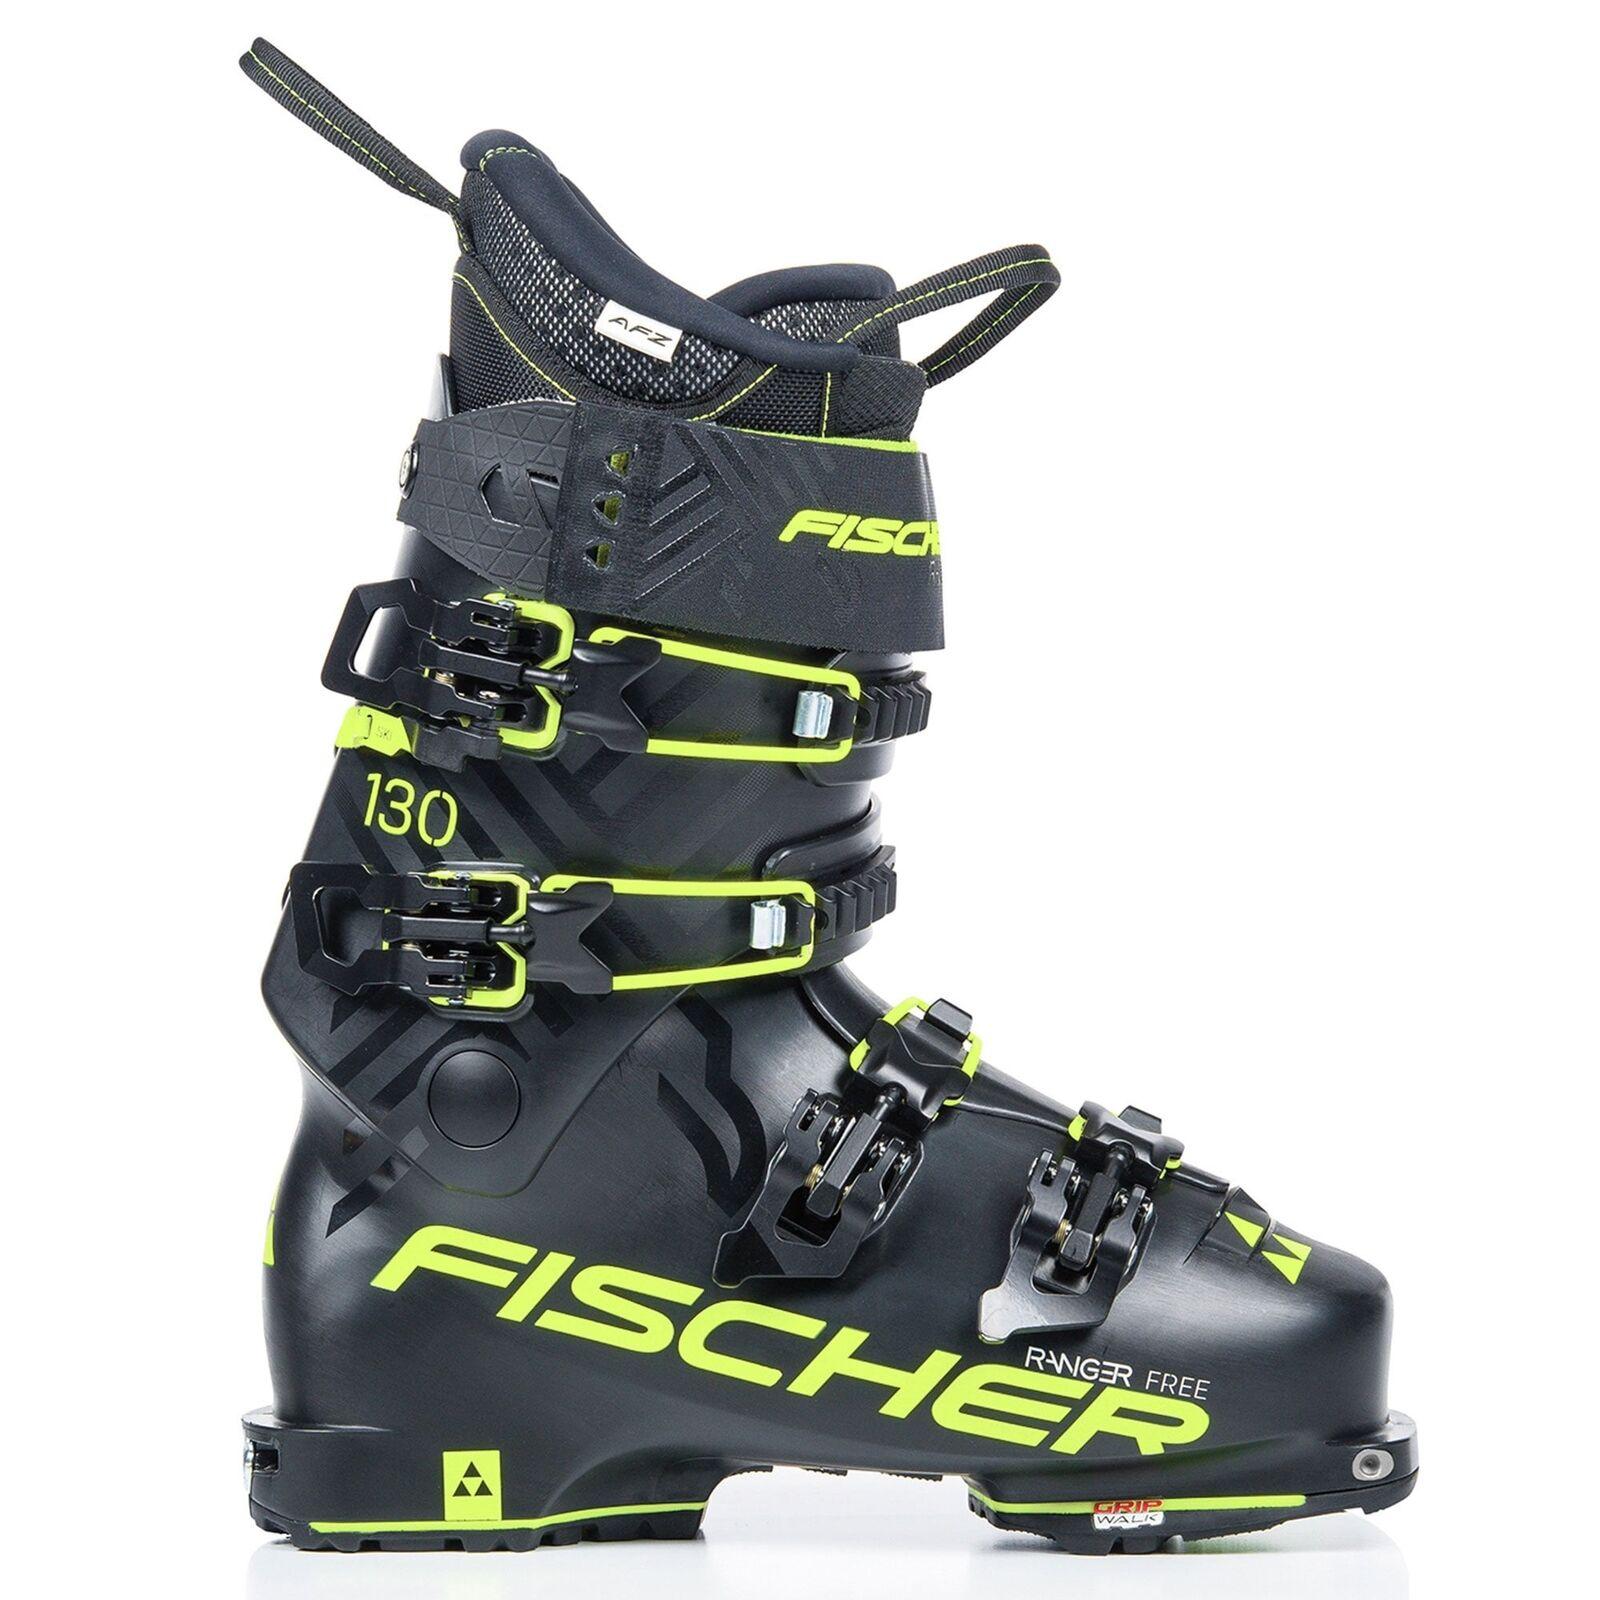 Walk 130 Free Ranger Fischer Ski DYN Stiefel Touring